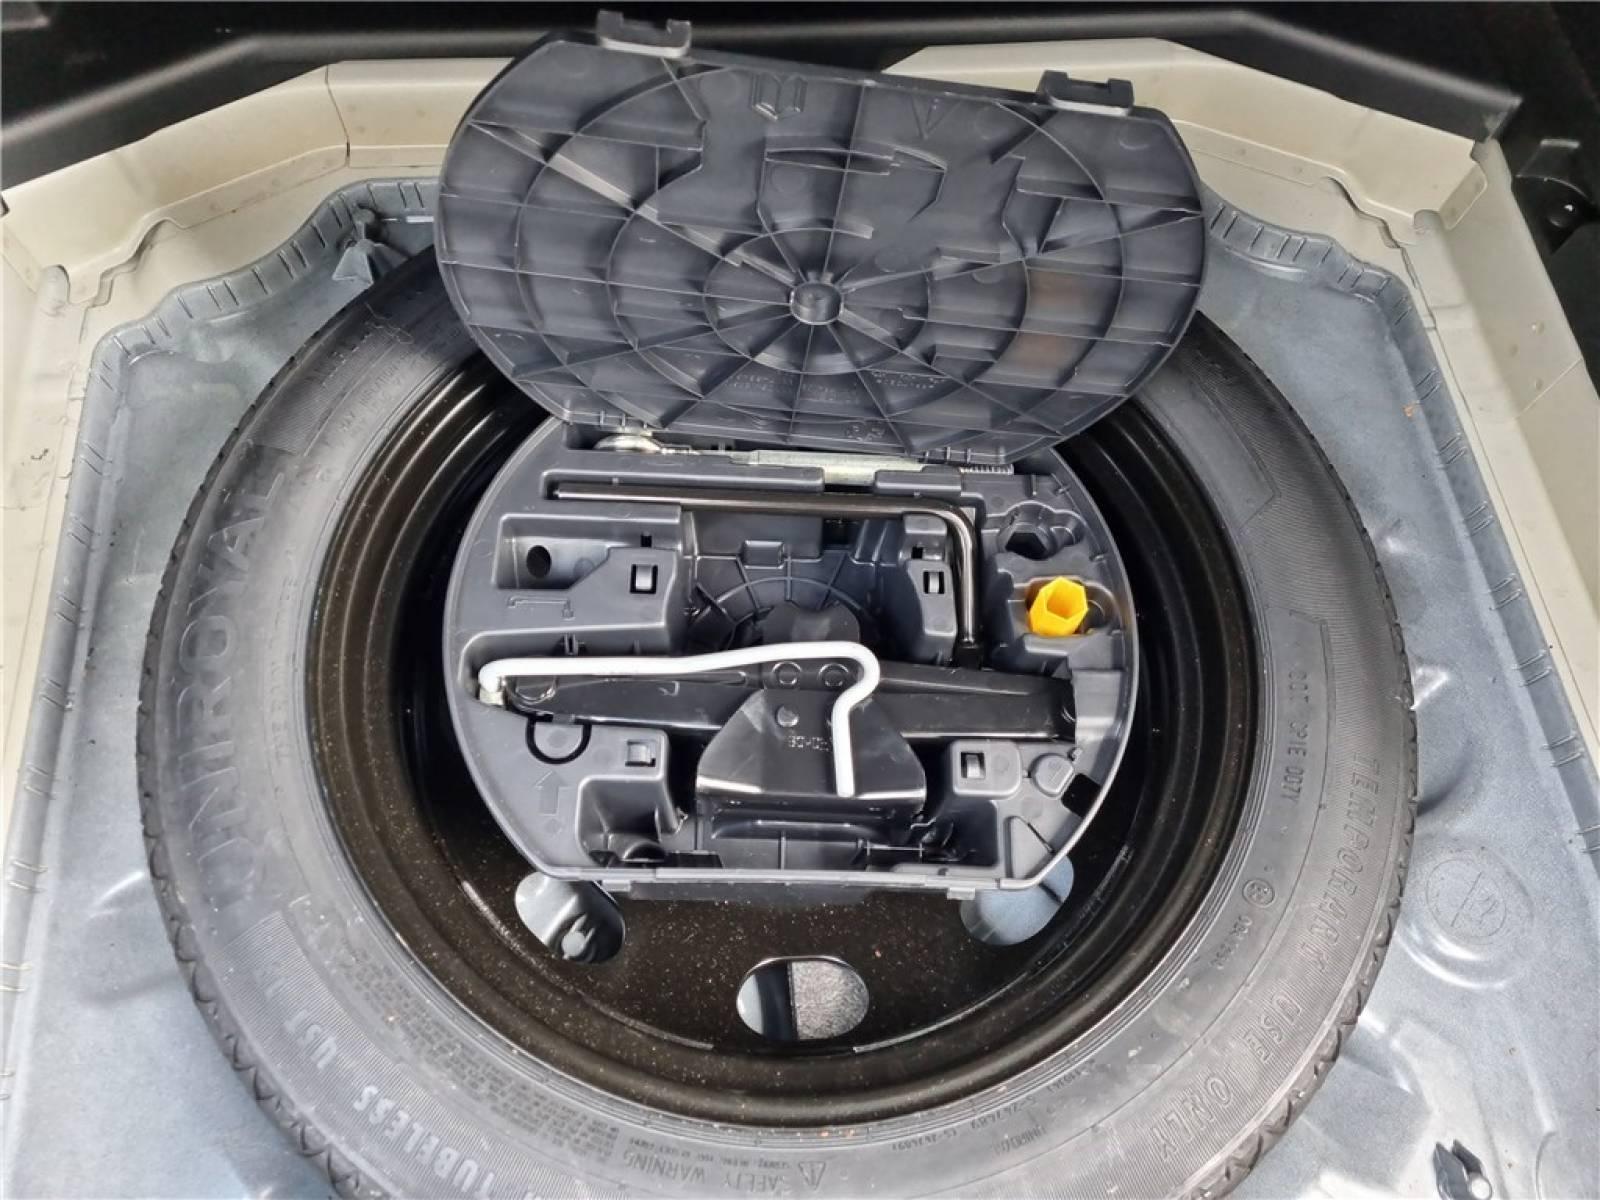 OPEL Grandland X 1.5 Diesel 130 ch - véhicule d'occasion - Groupe Guillet - Opel Magicauto - Montceau-les-Mines - 71300 - Montceau-les-Mines - 10